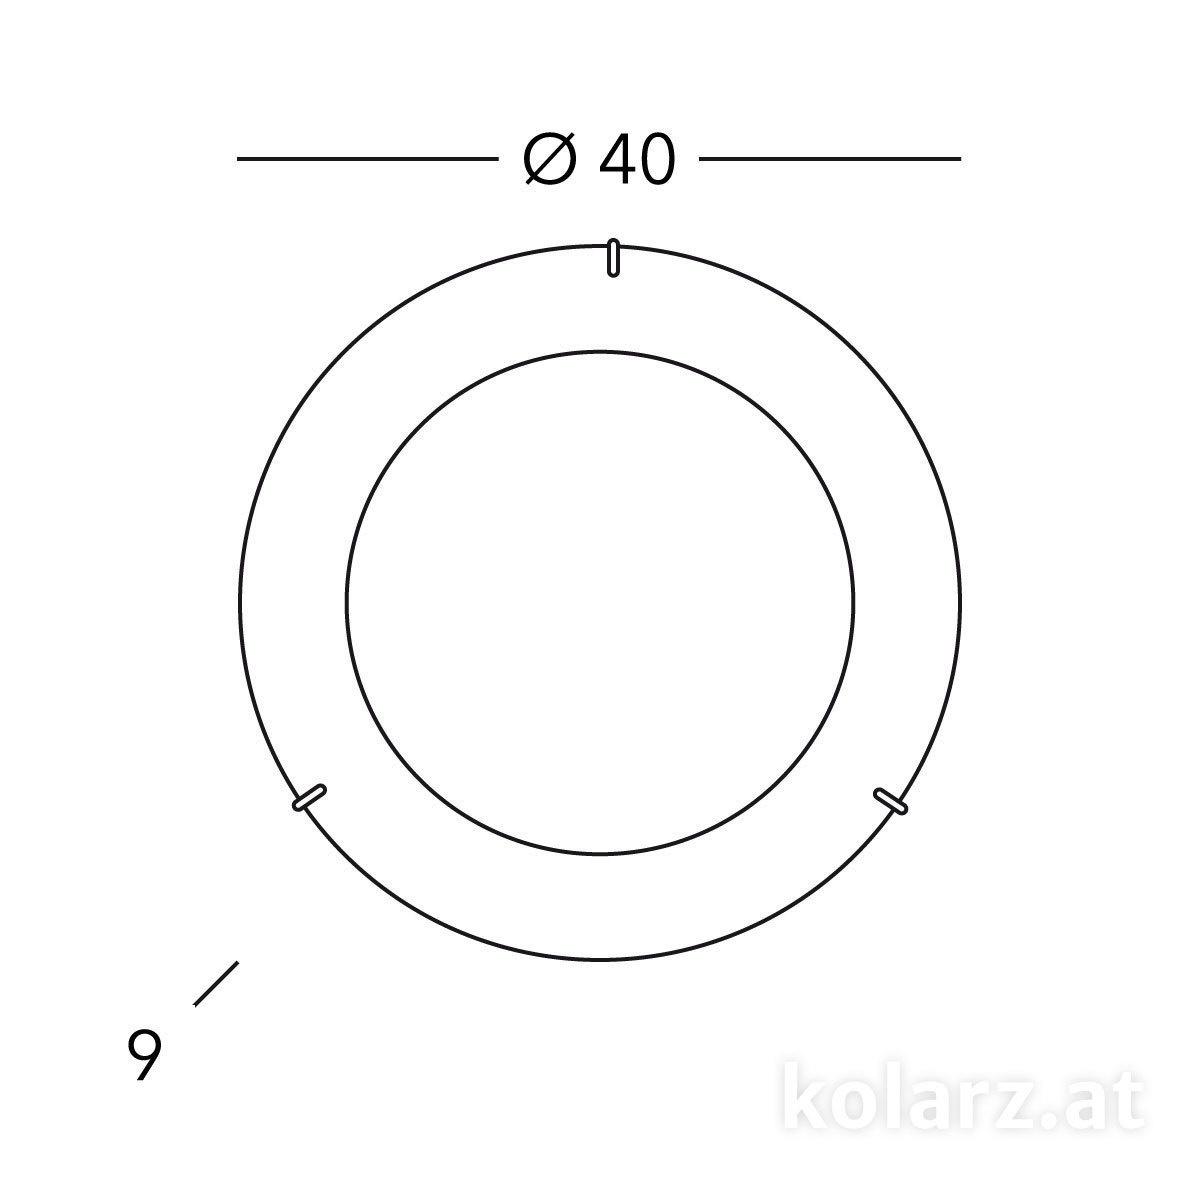 A1306-12-5-SunAg-s1.jpg